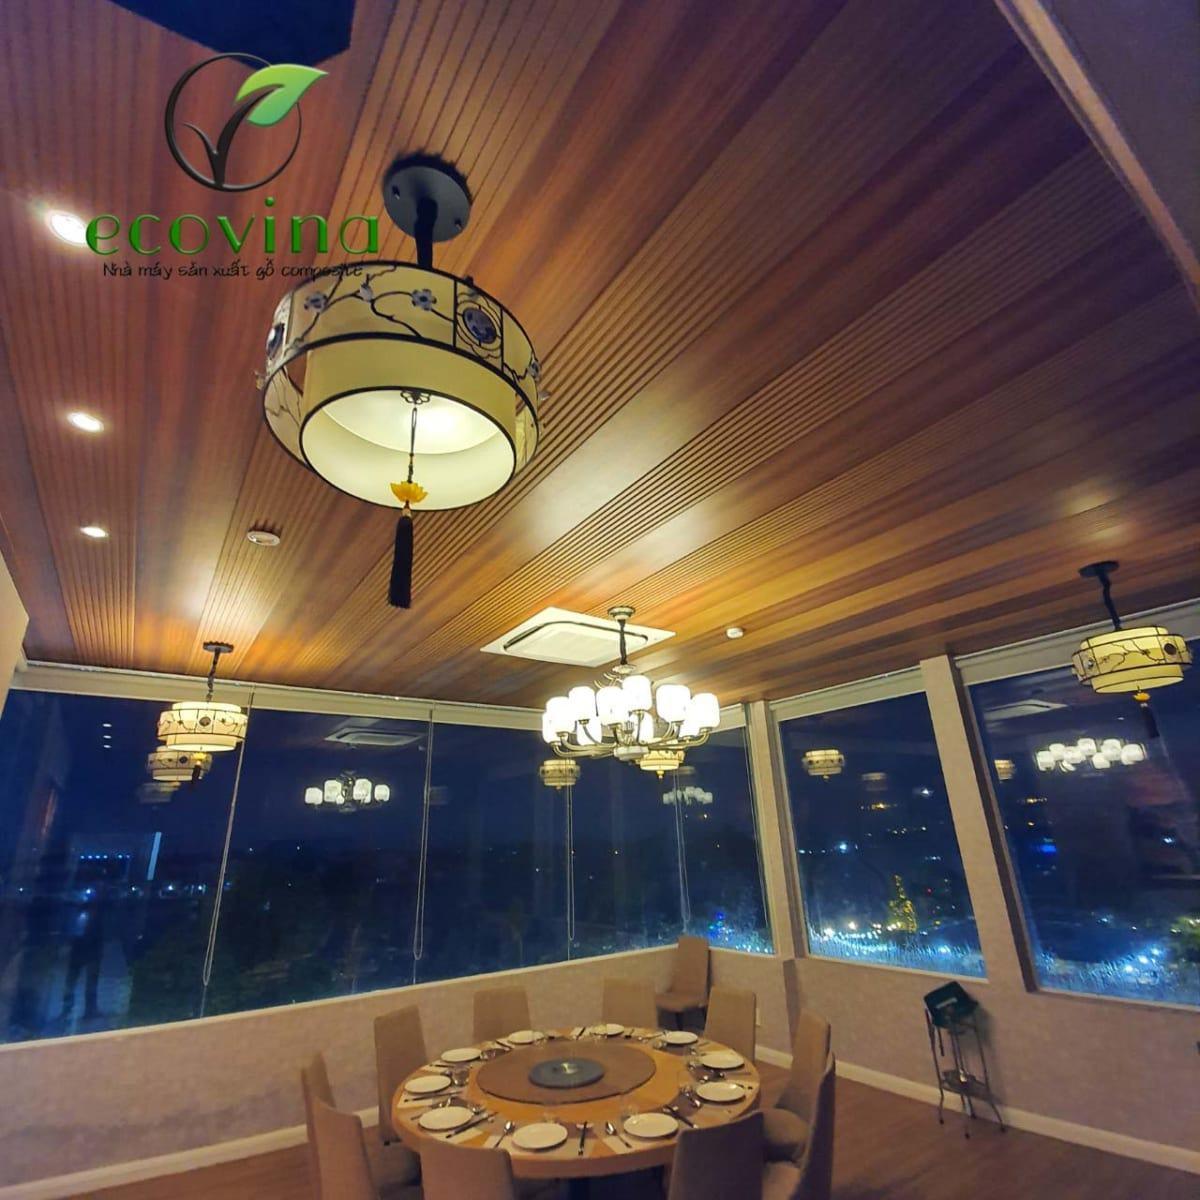 Ốp trần tường gỗ nhựa composite cho nhà hàng tại thành phố Hồ Chí Minh